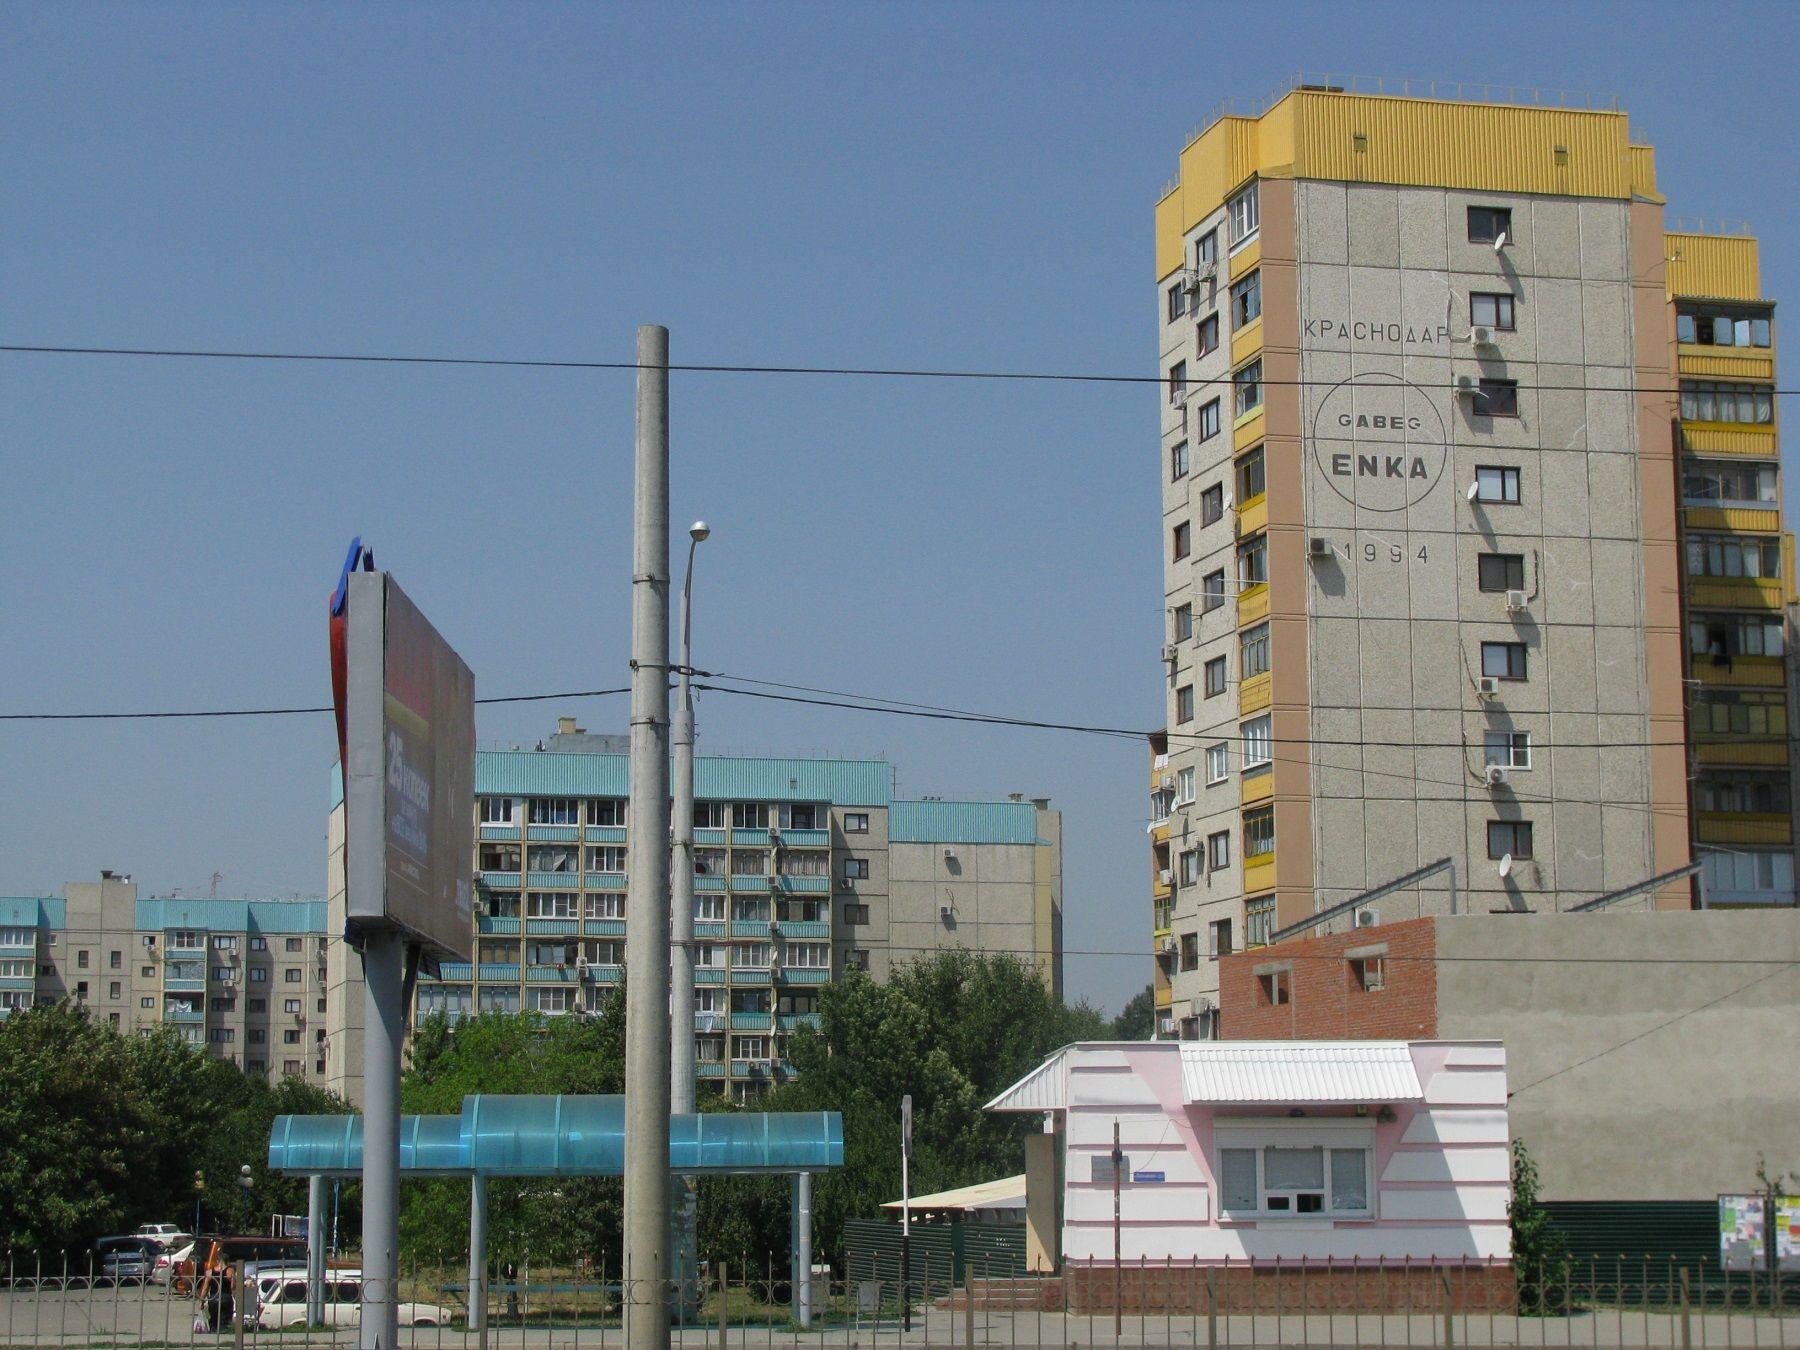 Городок имени маршала Жукова (Энка) ©Фото с сайта commons.wikimedia.org